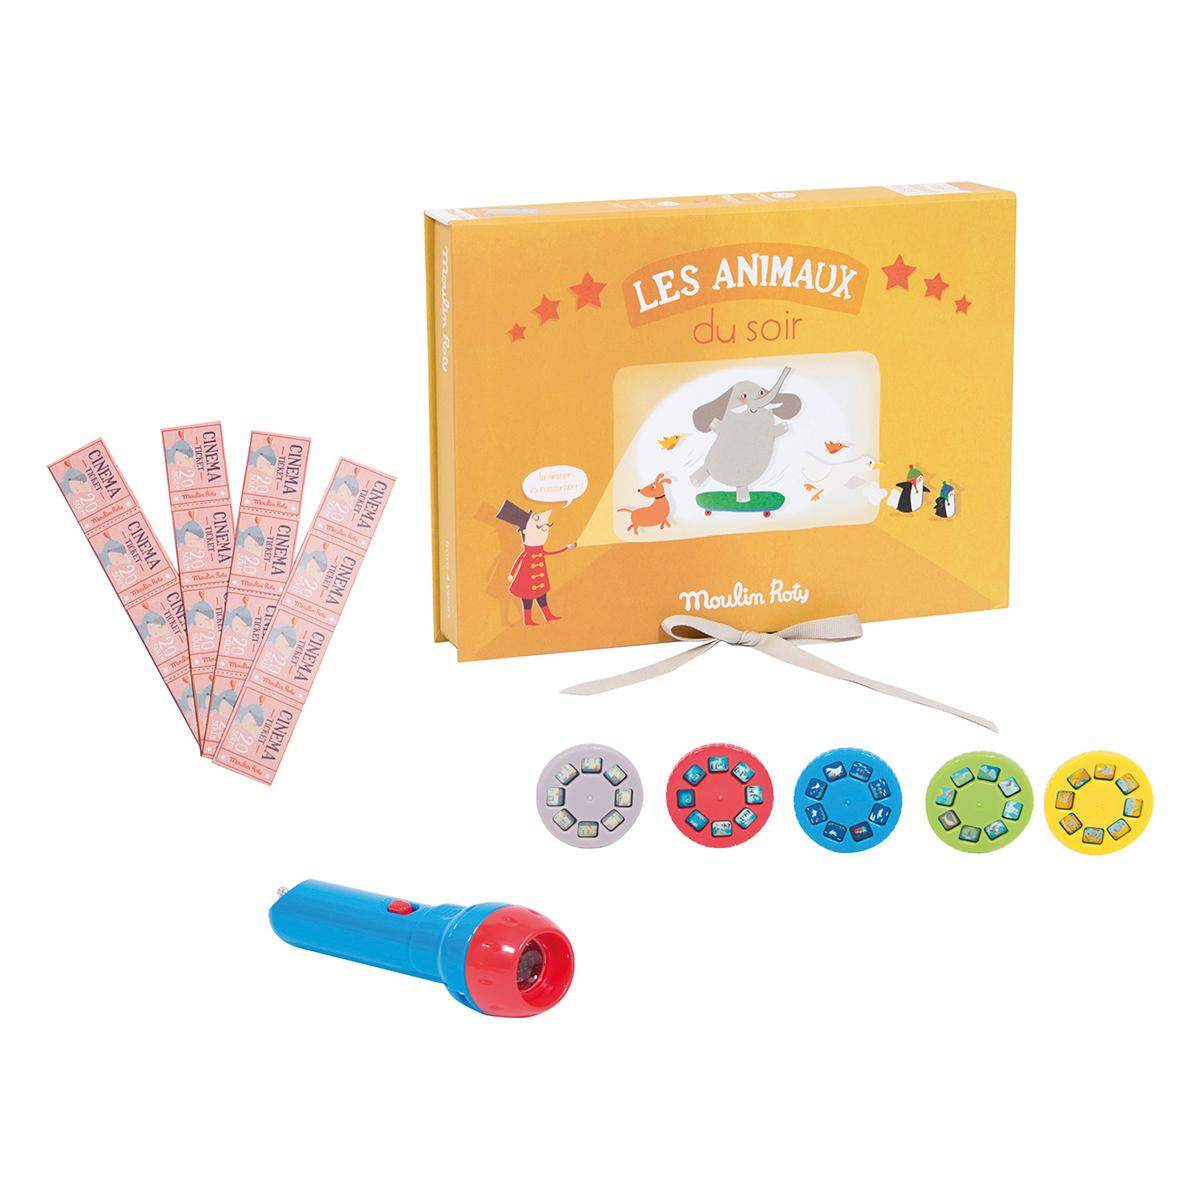 Mes premiers jouets Coffret Cinéma Animaux - Les Petites Merveilles Coffret Cinéma Animaux - Les Petites Merveilles